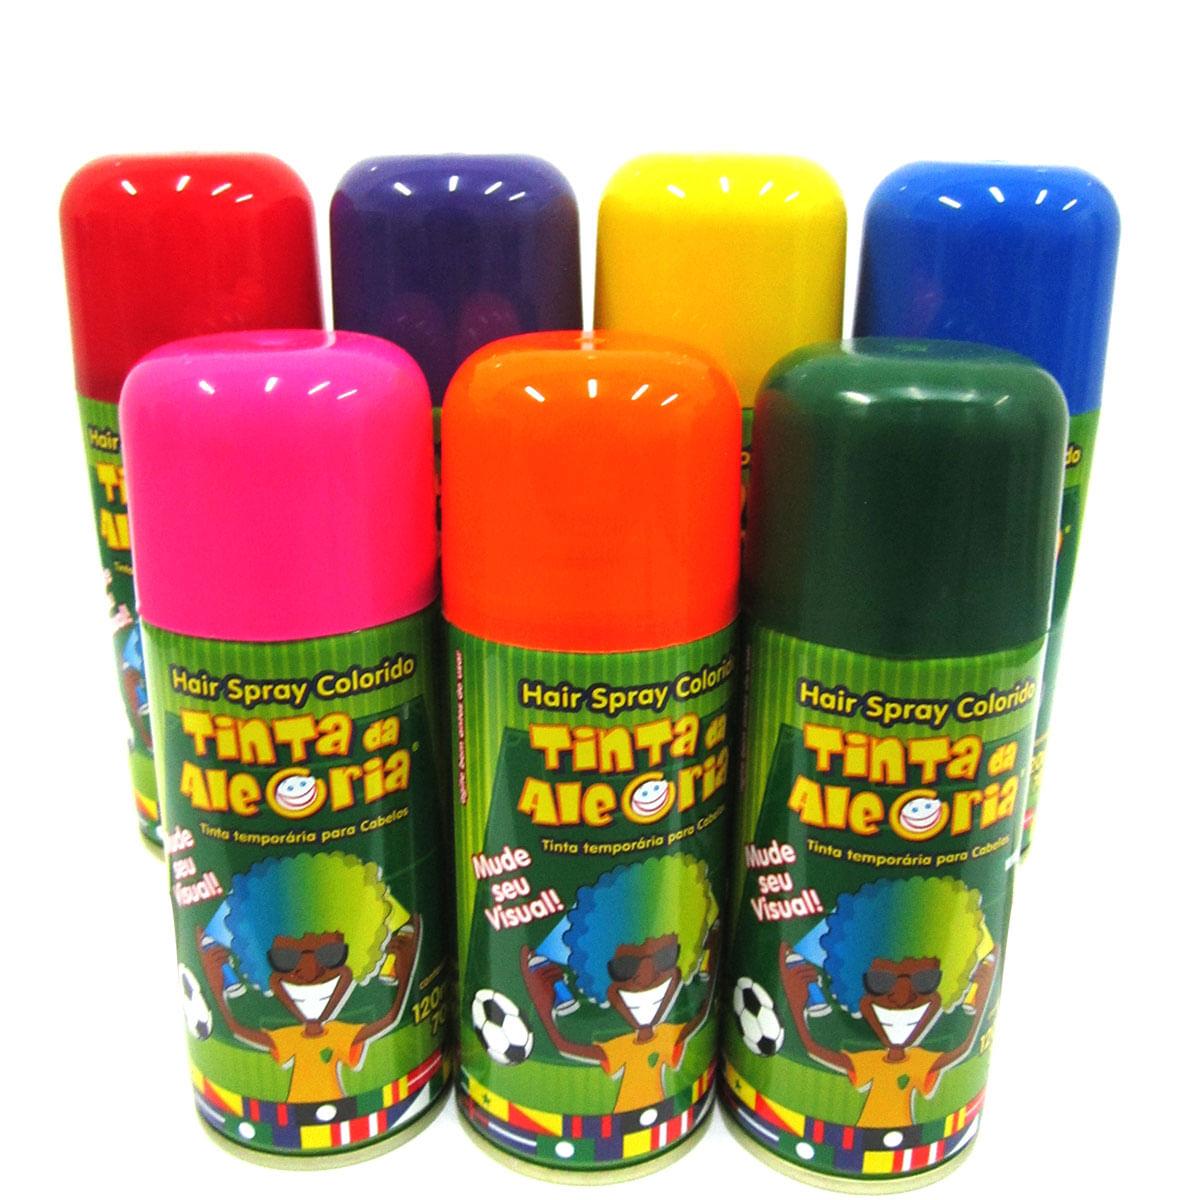 Tinta Temporária P / Cabelos Tinta Da Alegria 120 Ml Verde